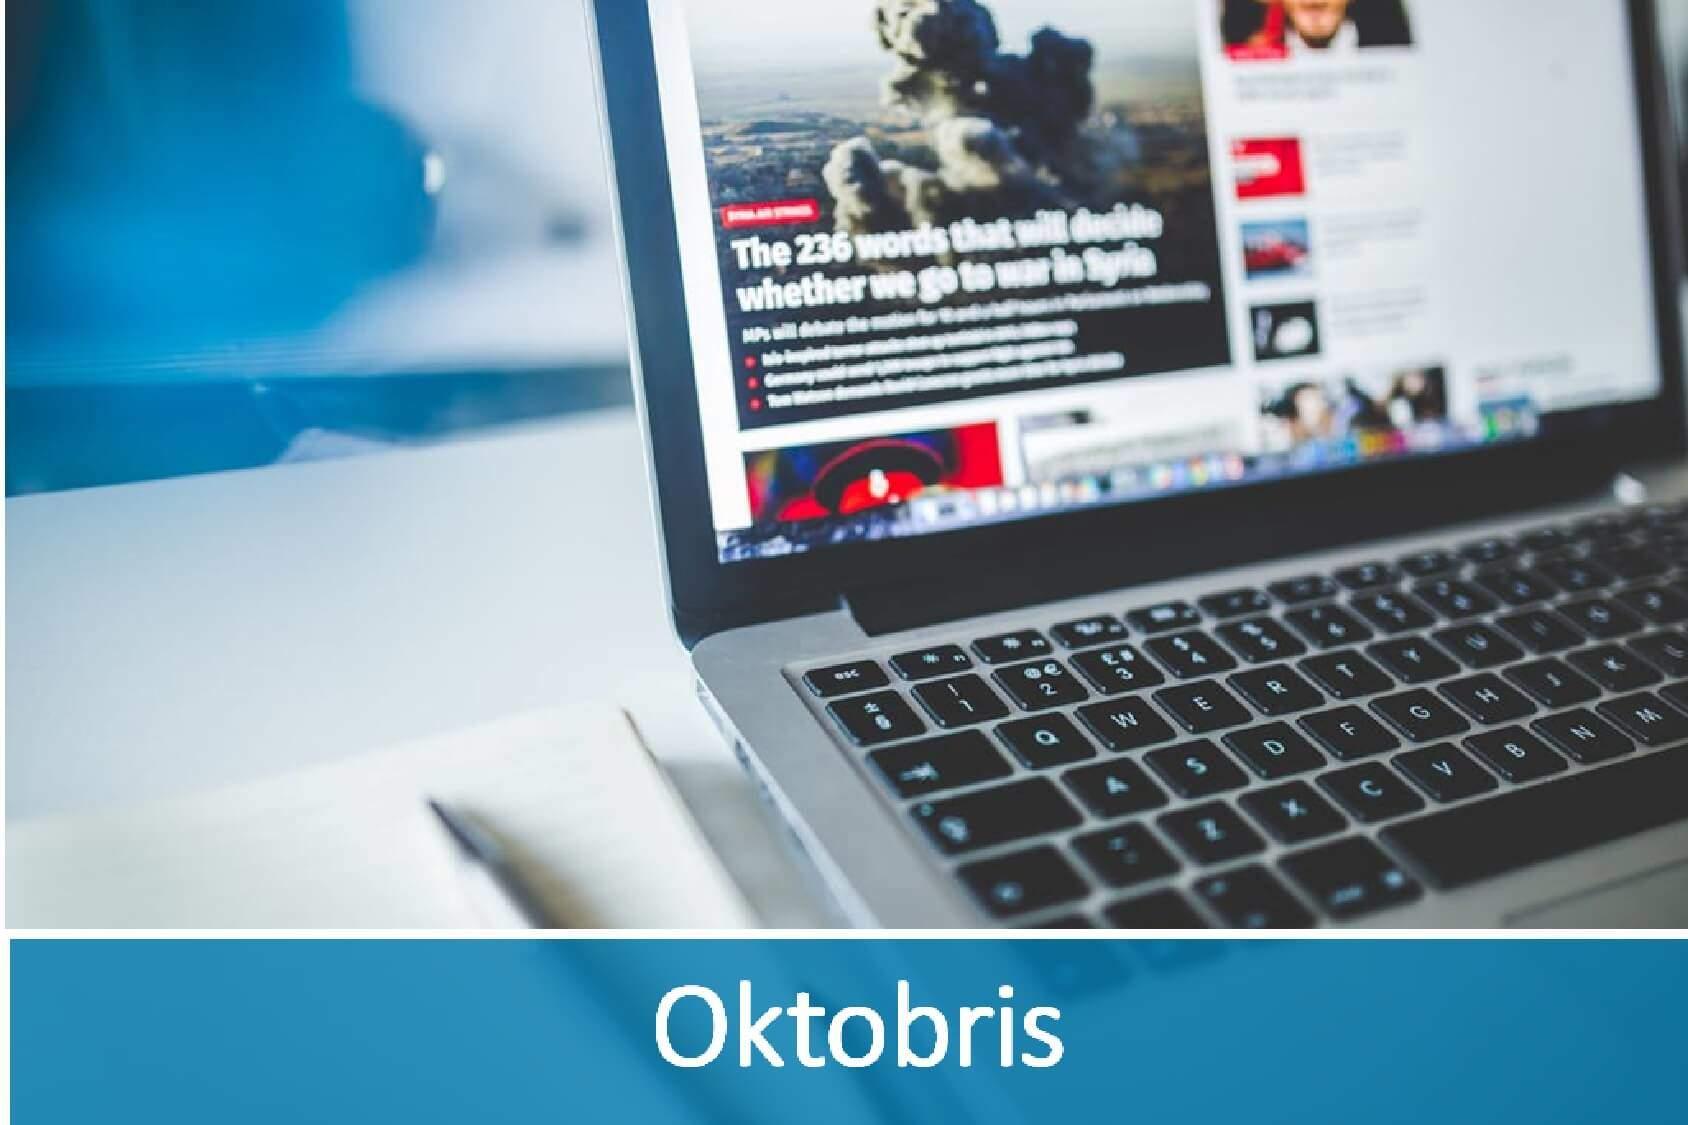 Jaunākās aktualitātes IT nozarē- oktobris